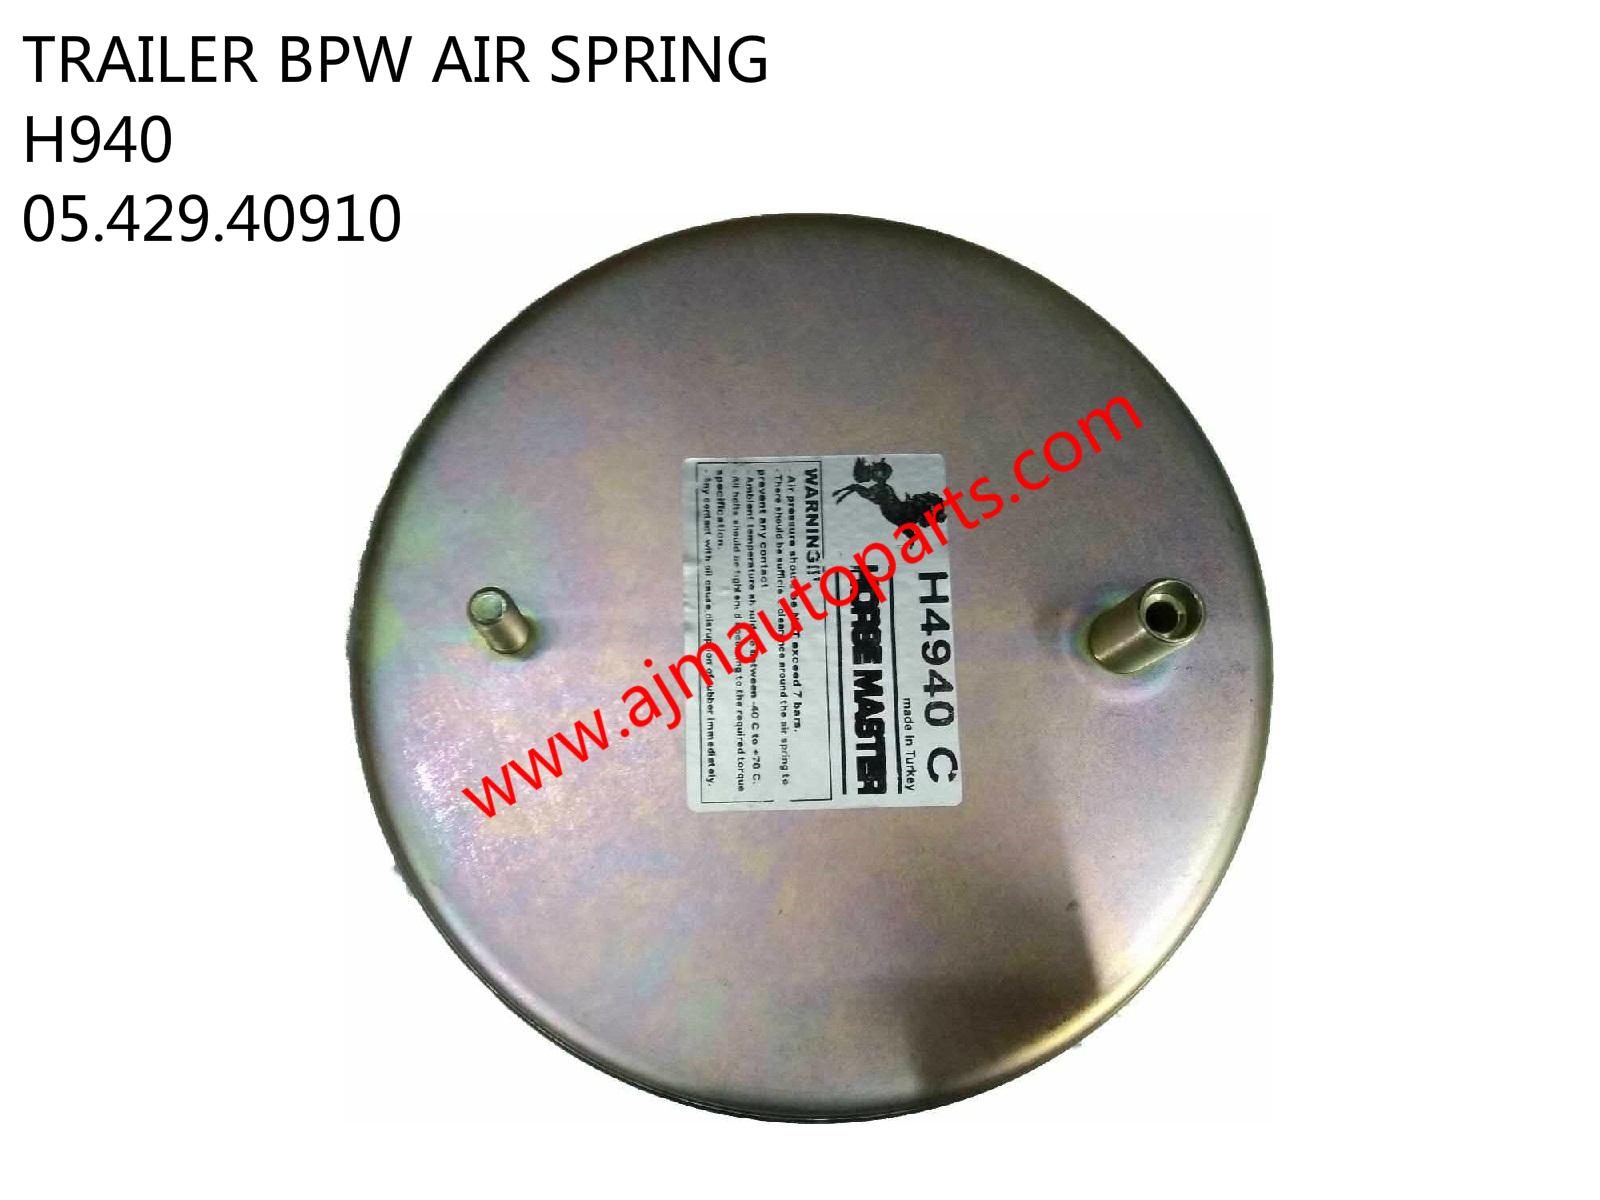 TRAILER BPW AIR SPRING-H940